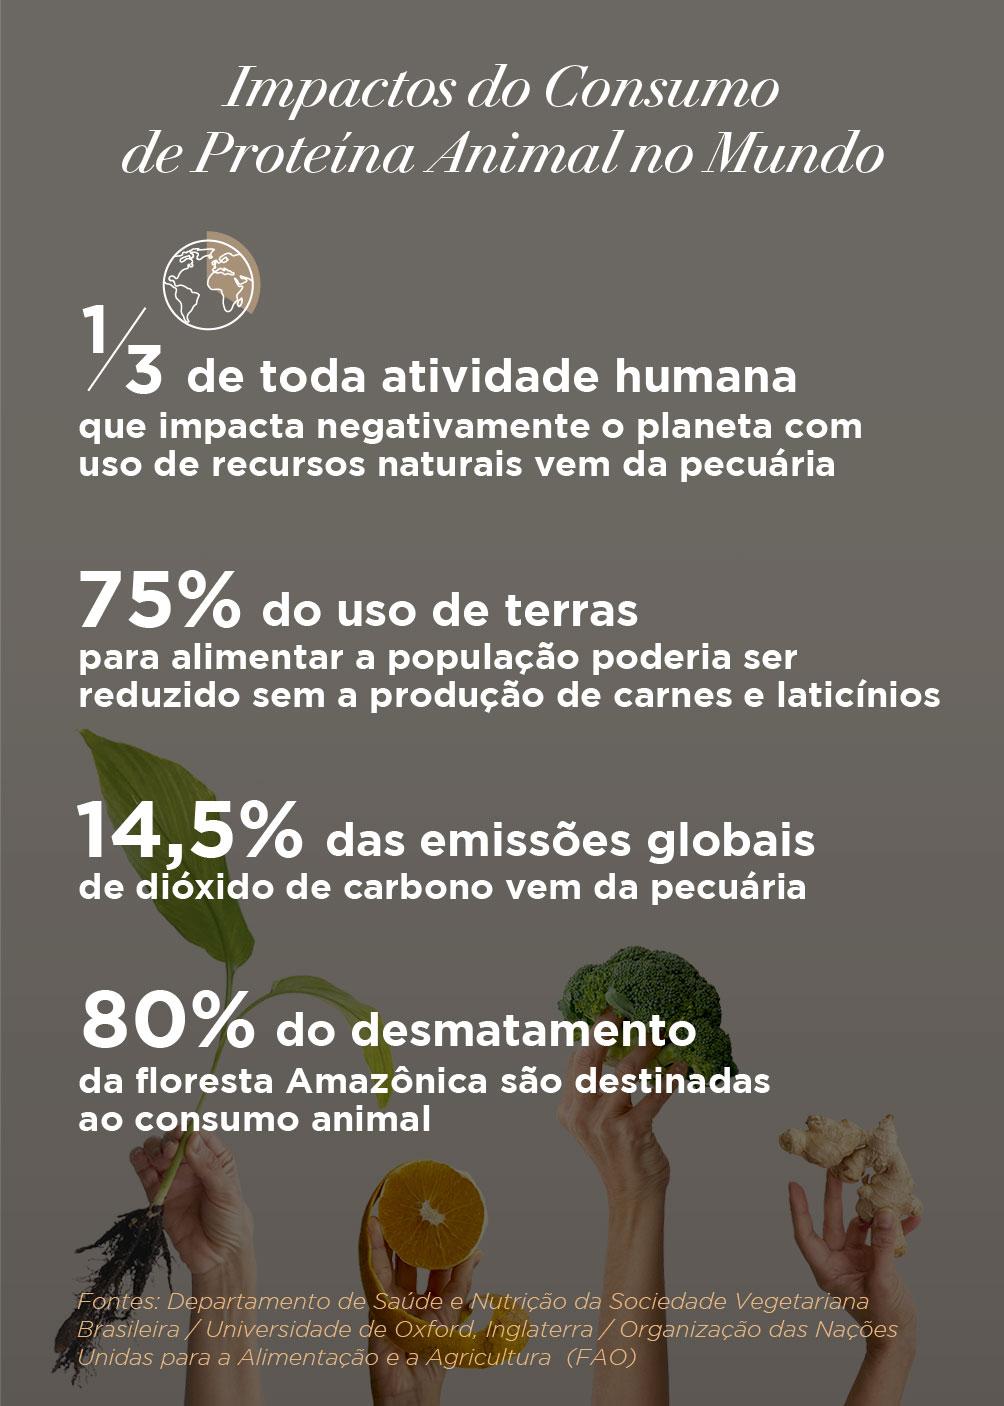 Infográfico com os Impactos do Consumo de Proteína Animal no Mundo